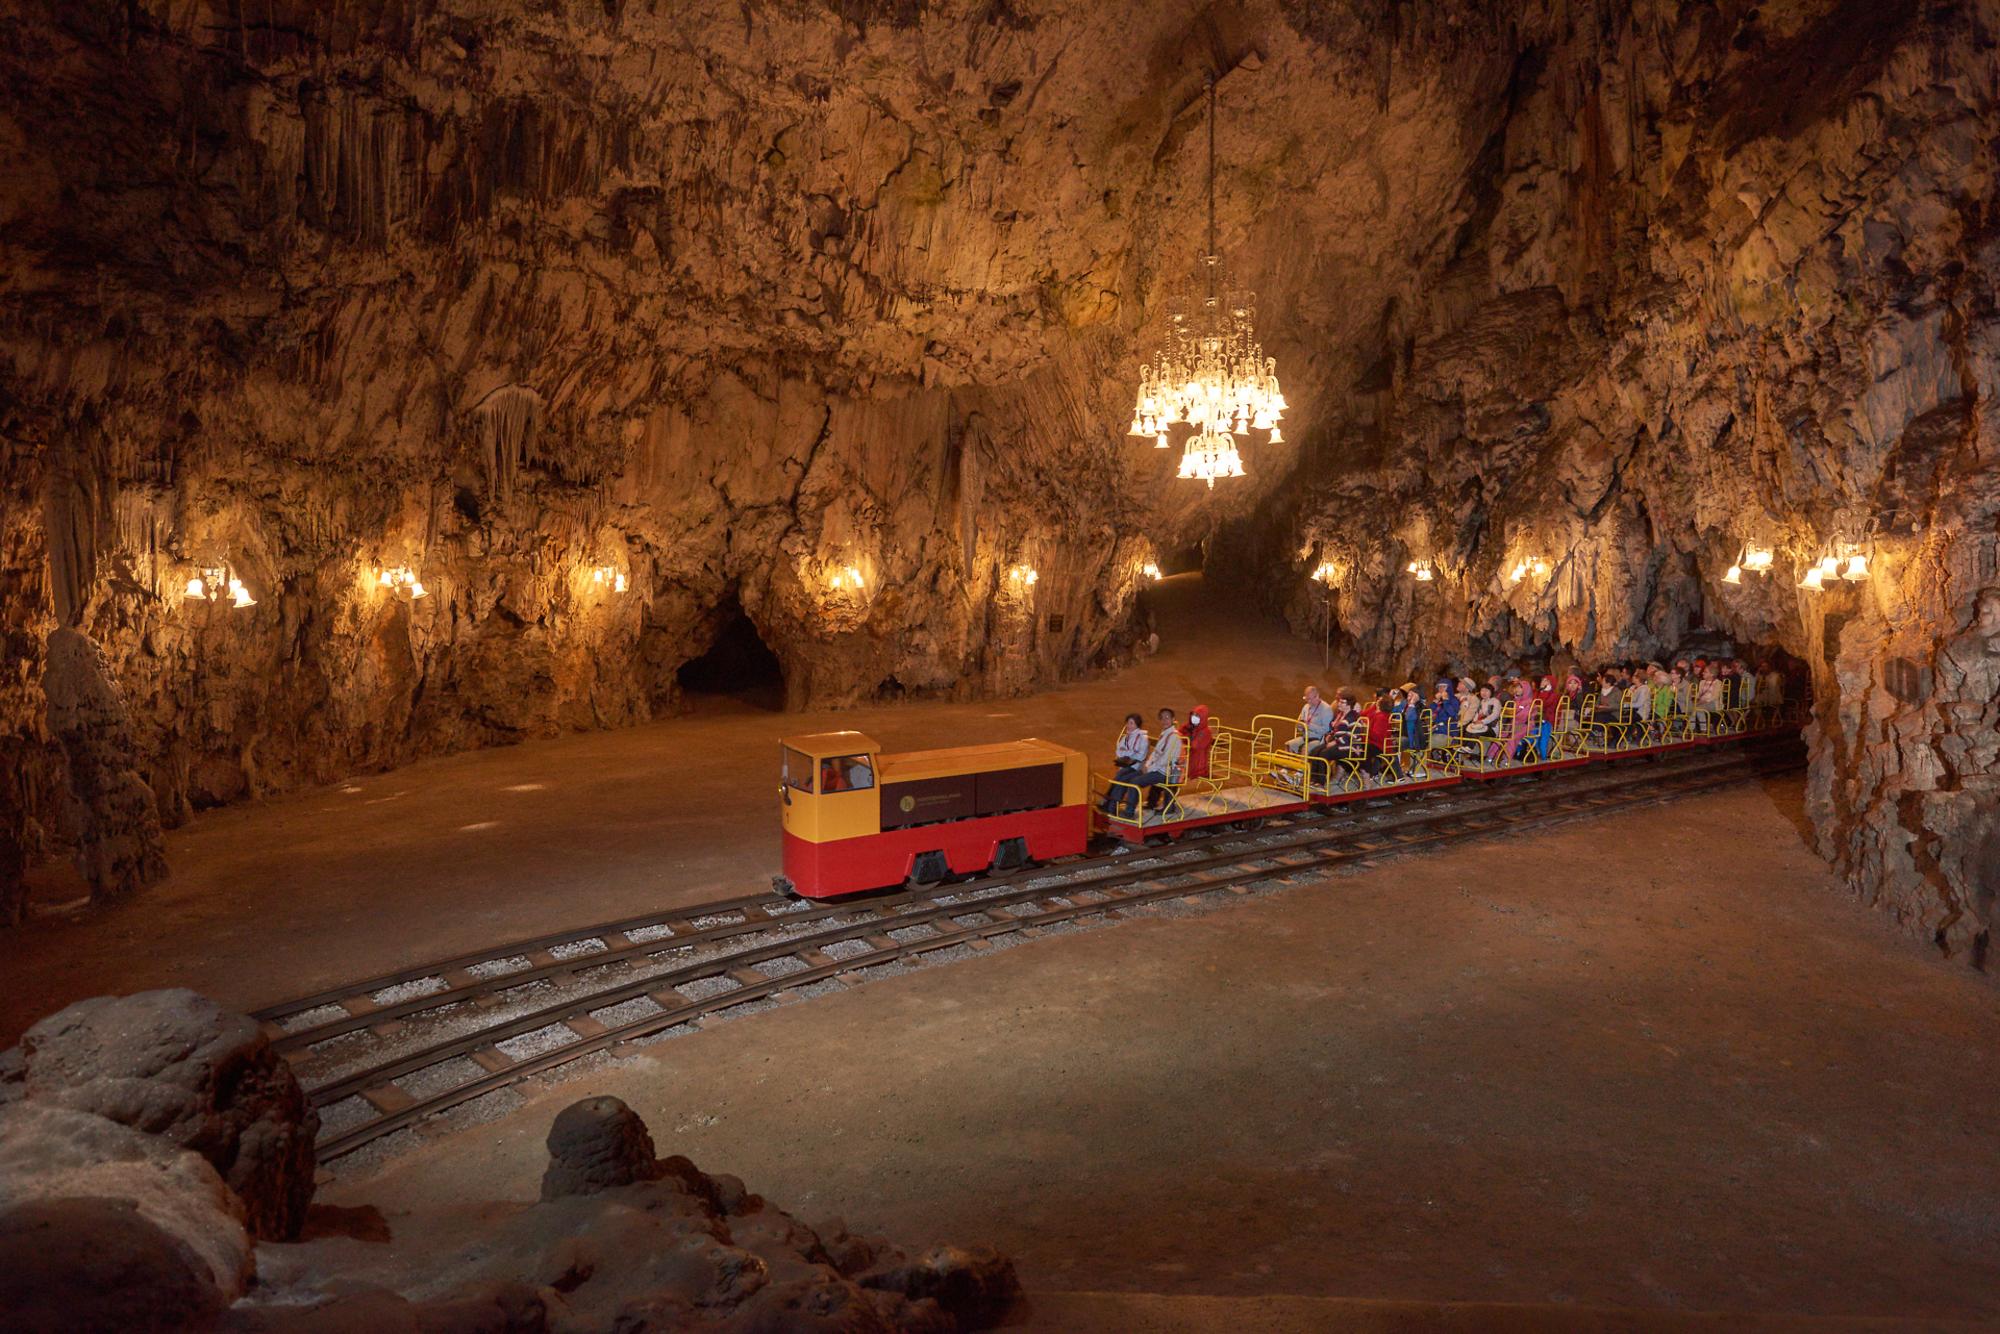 Postojna Cave - _vlakec_v_postojnski_jami_4155_orig_jpg-photo-foto: Iztok Medja, www.slovenia.info